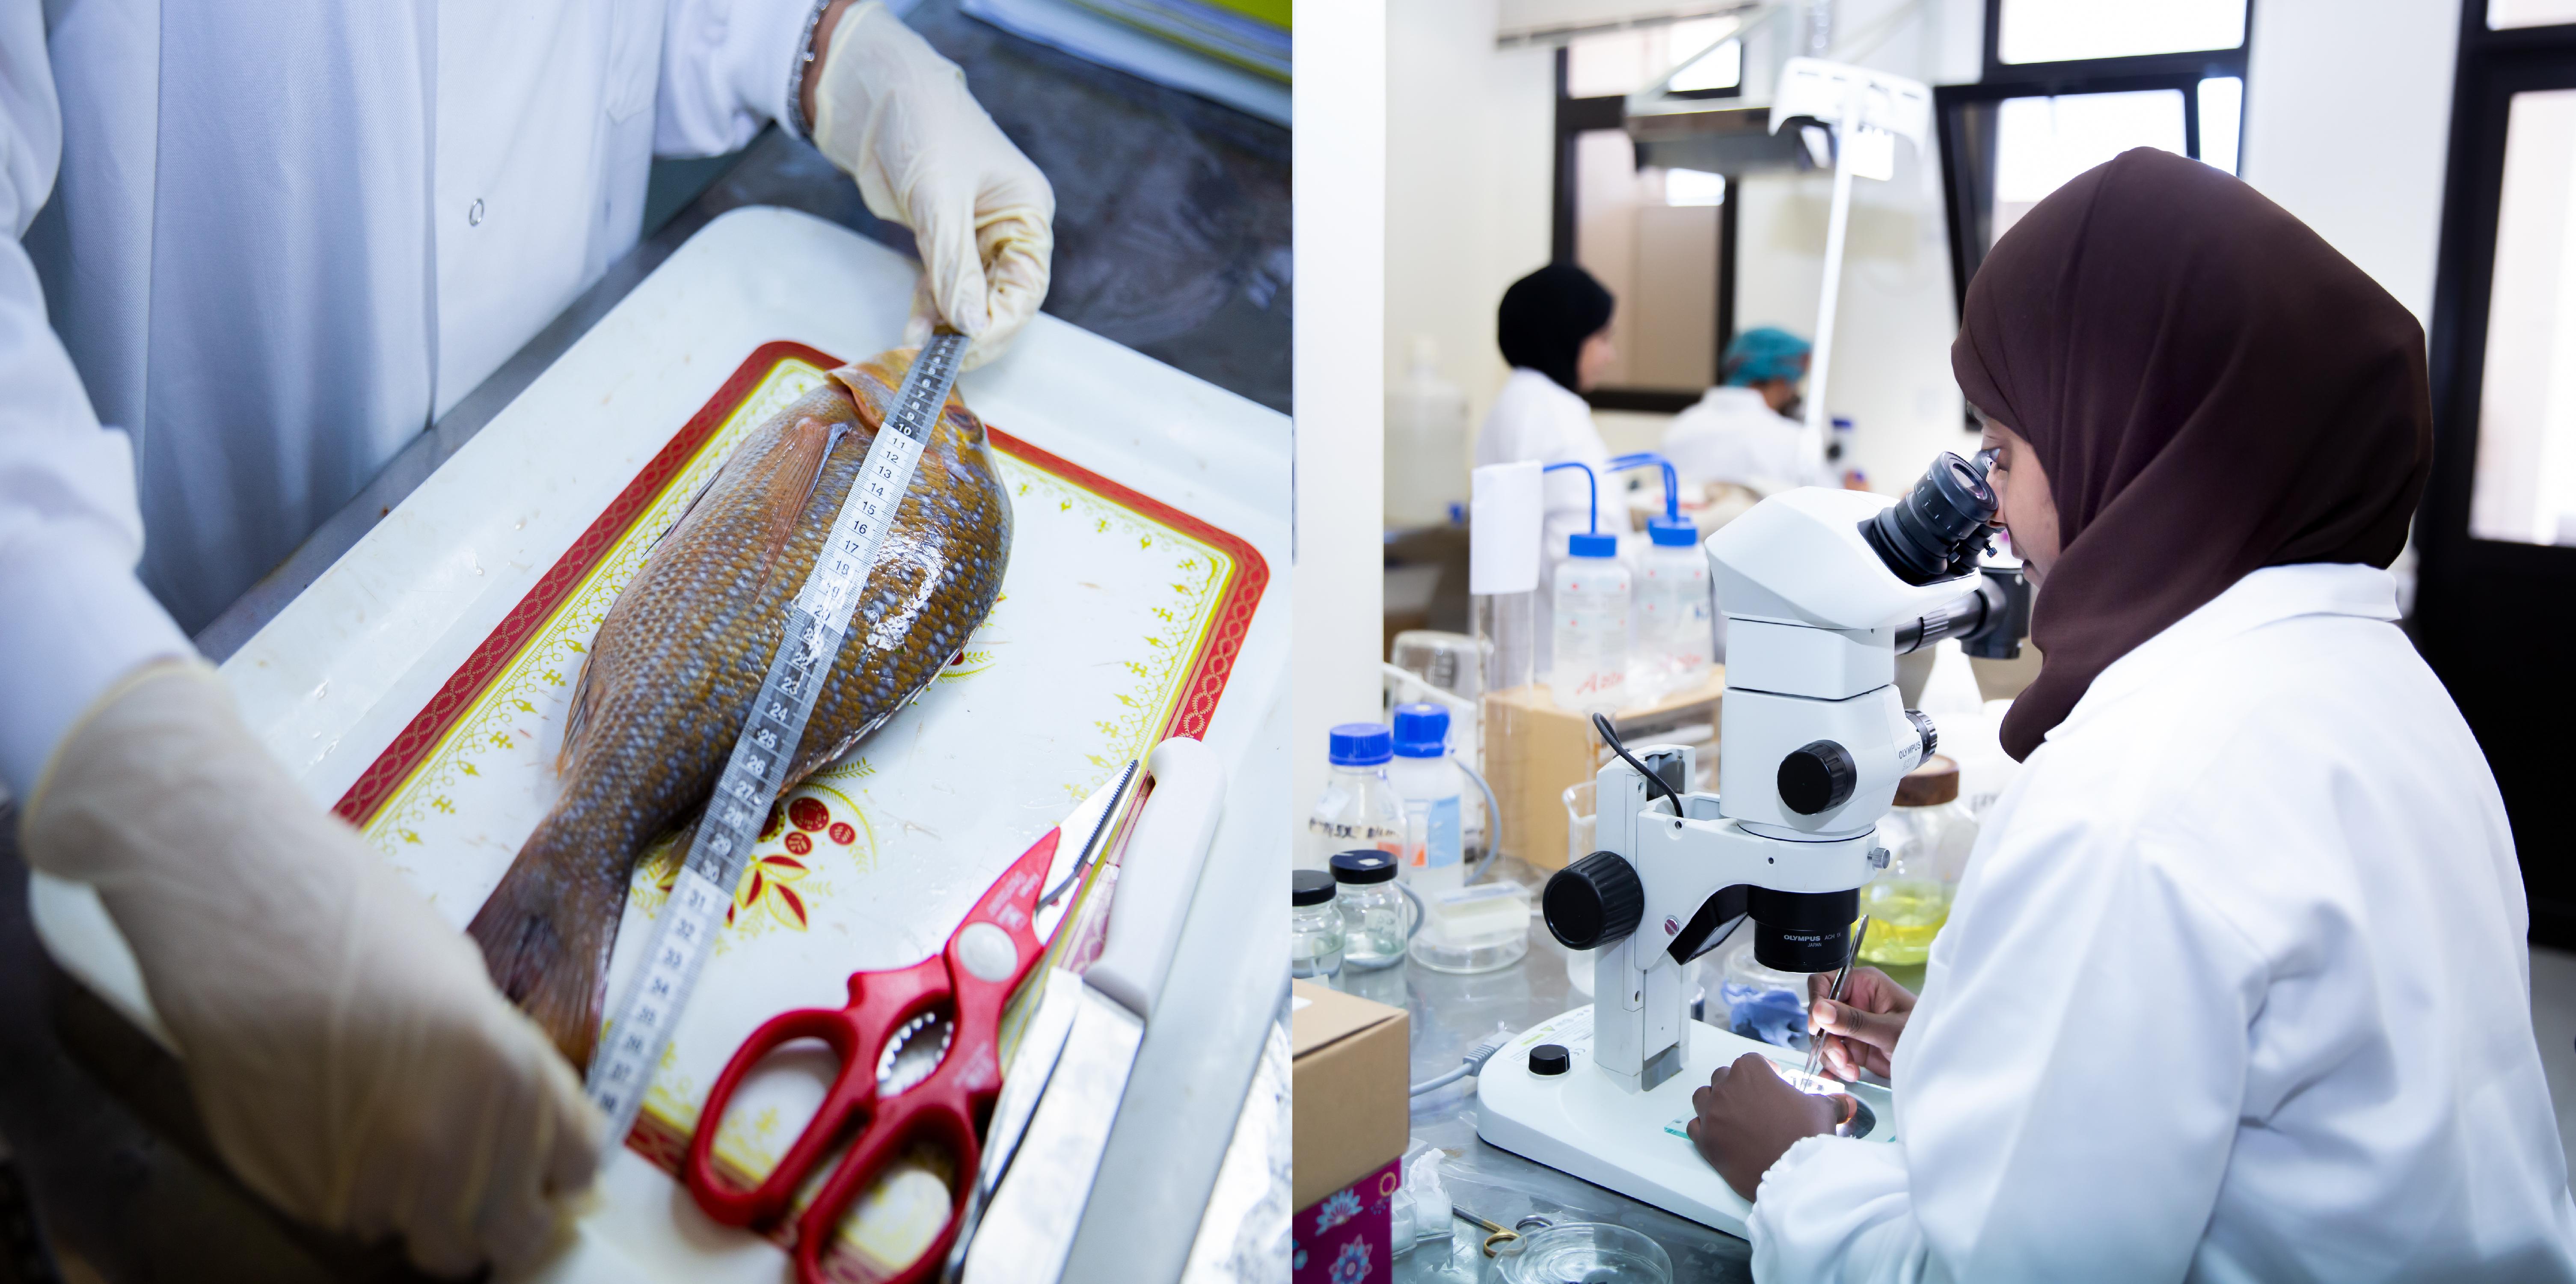 """تواصل إجراء مشروع الدراسة حول """"الطفيليات المائية المرتبطة بسلامة الأغذية البحرية"""""""